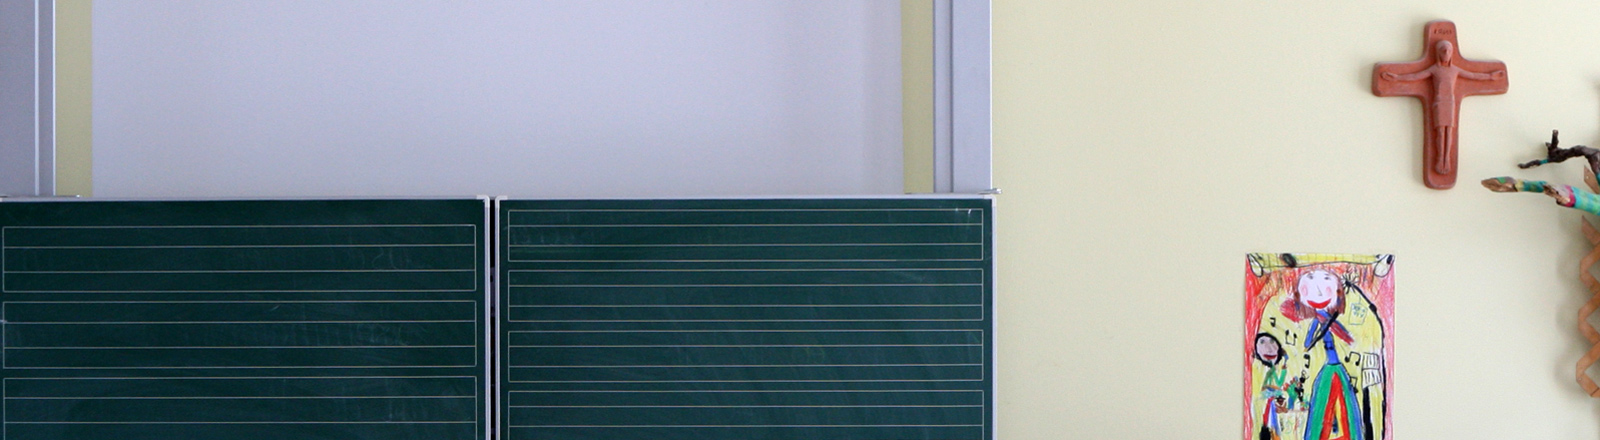 Eine Schulklasse, in der ein Kreuz an der Wand hängt.